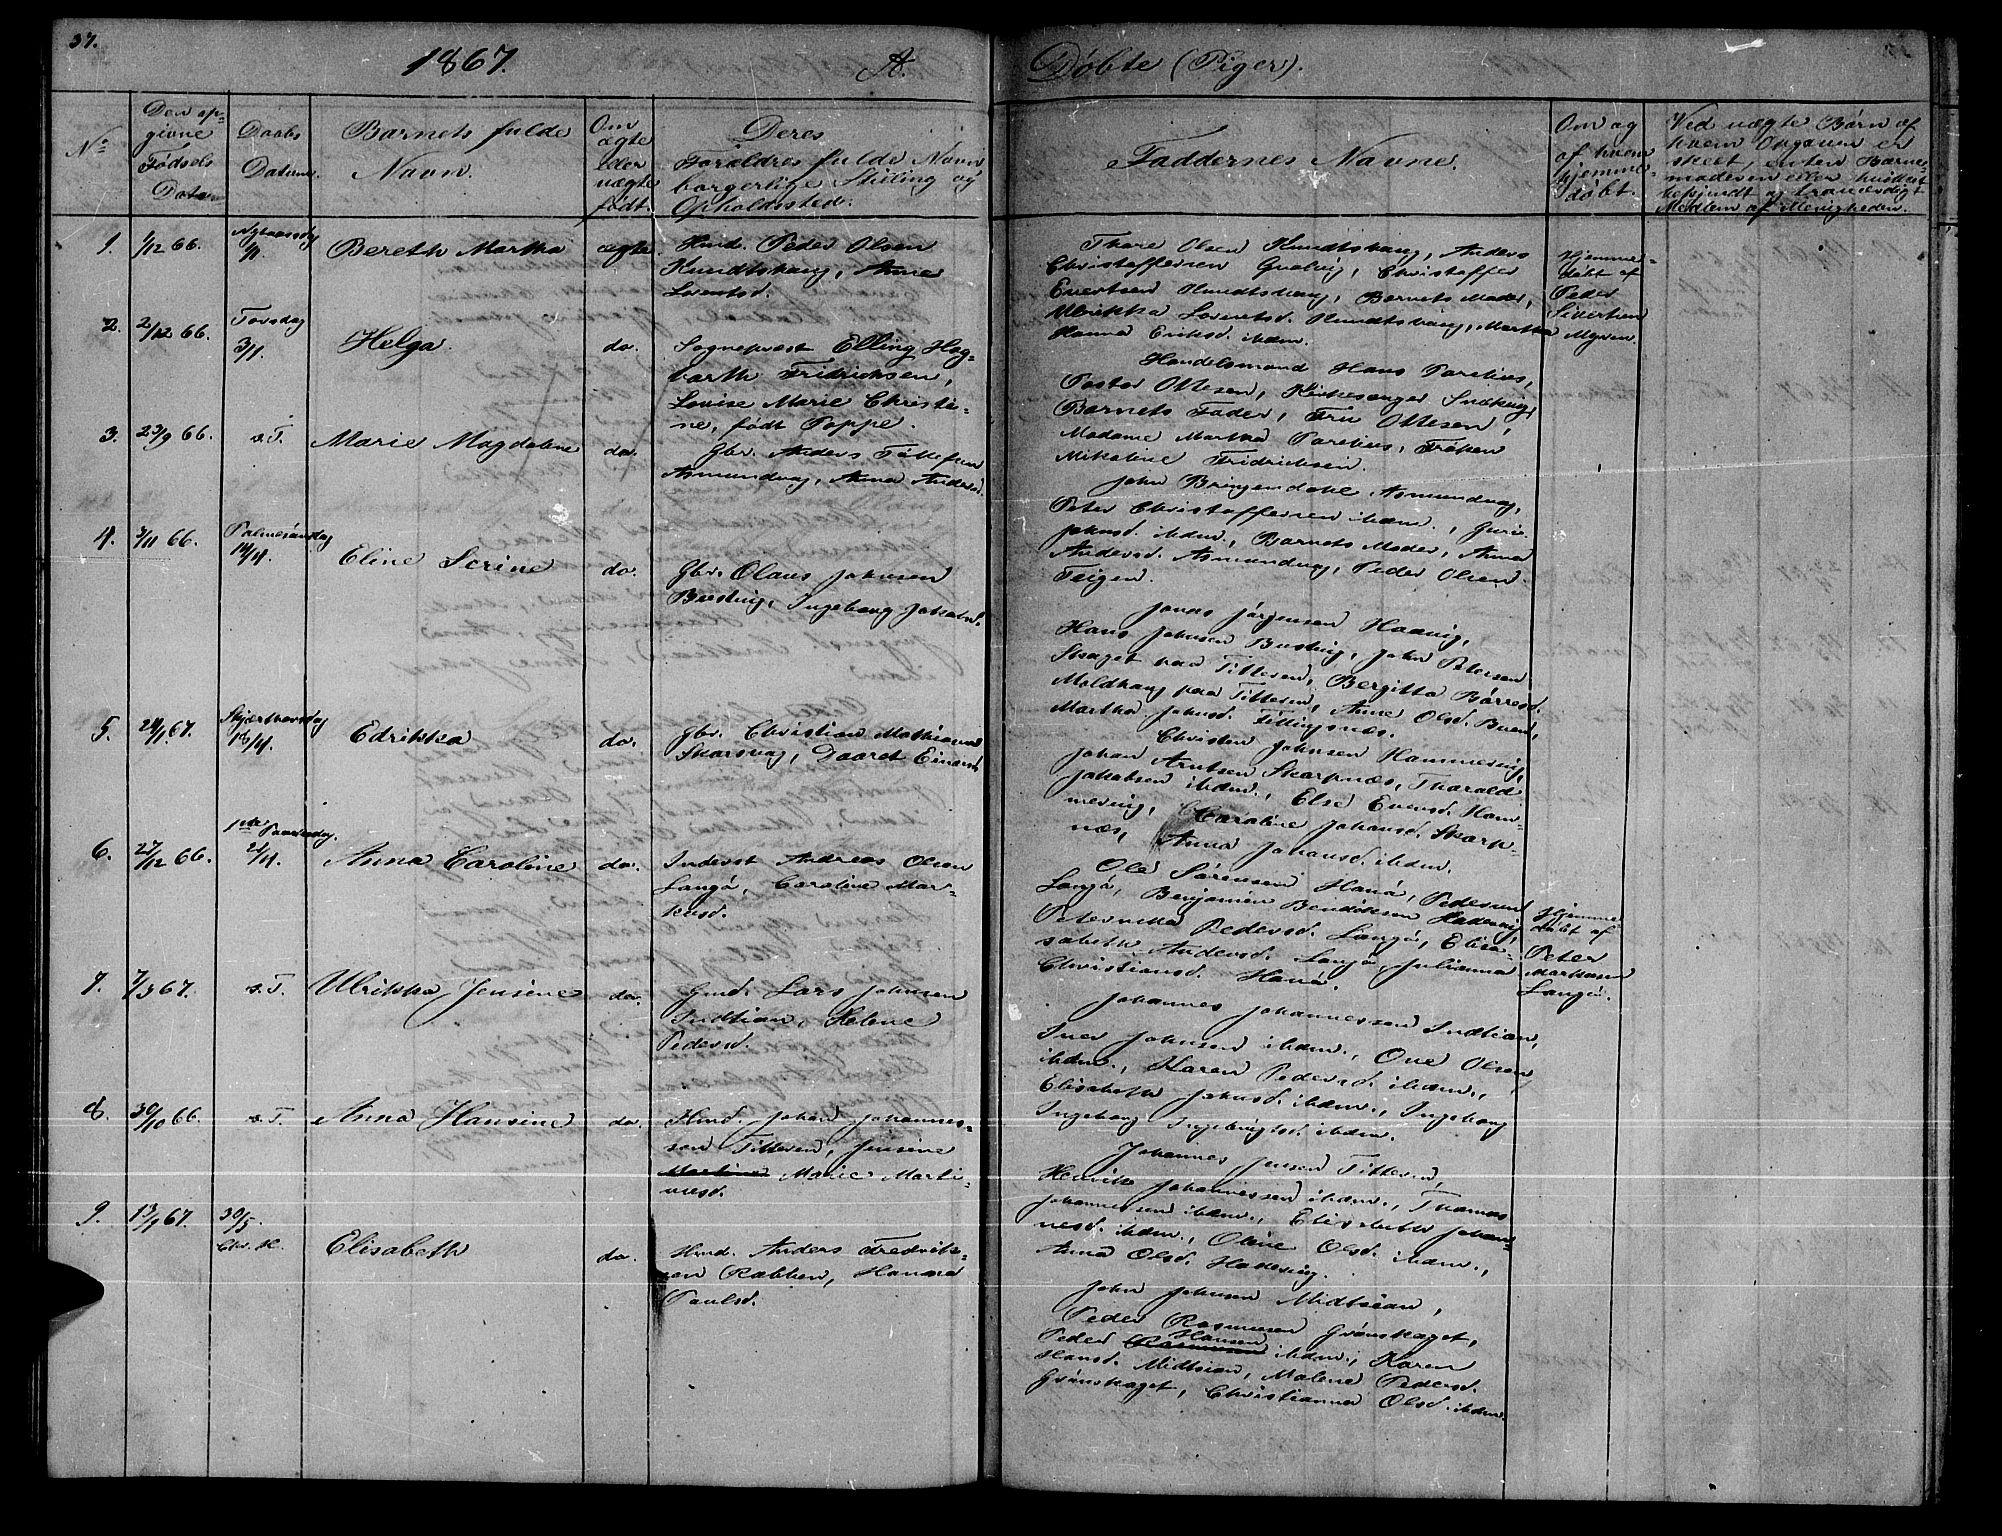 SAT, Ministerialprotokoller, klokkerbøker og fødselsregistre - Sør-Trøndelag, 634/L0539: Klokkerbok nr. 634C01, 1866-1873, s. 37